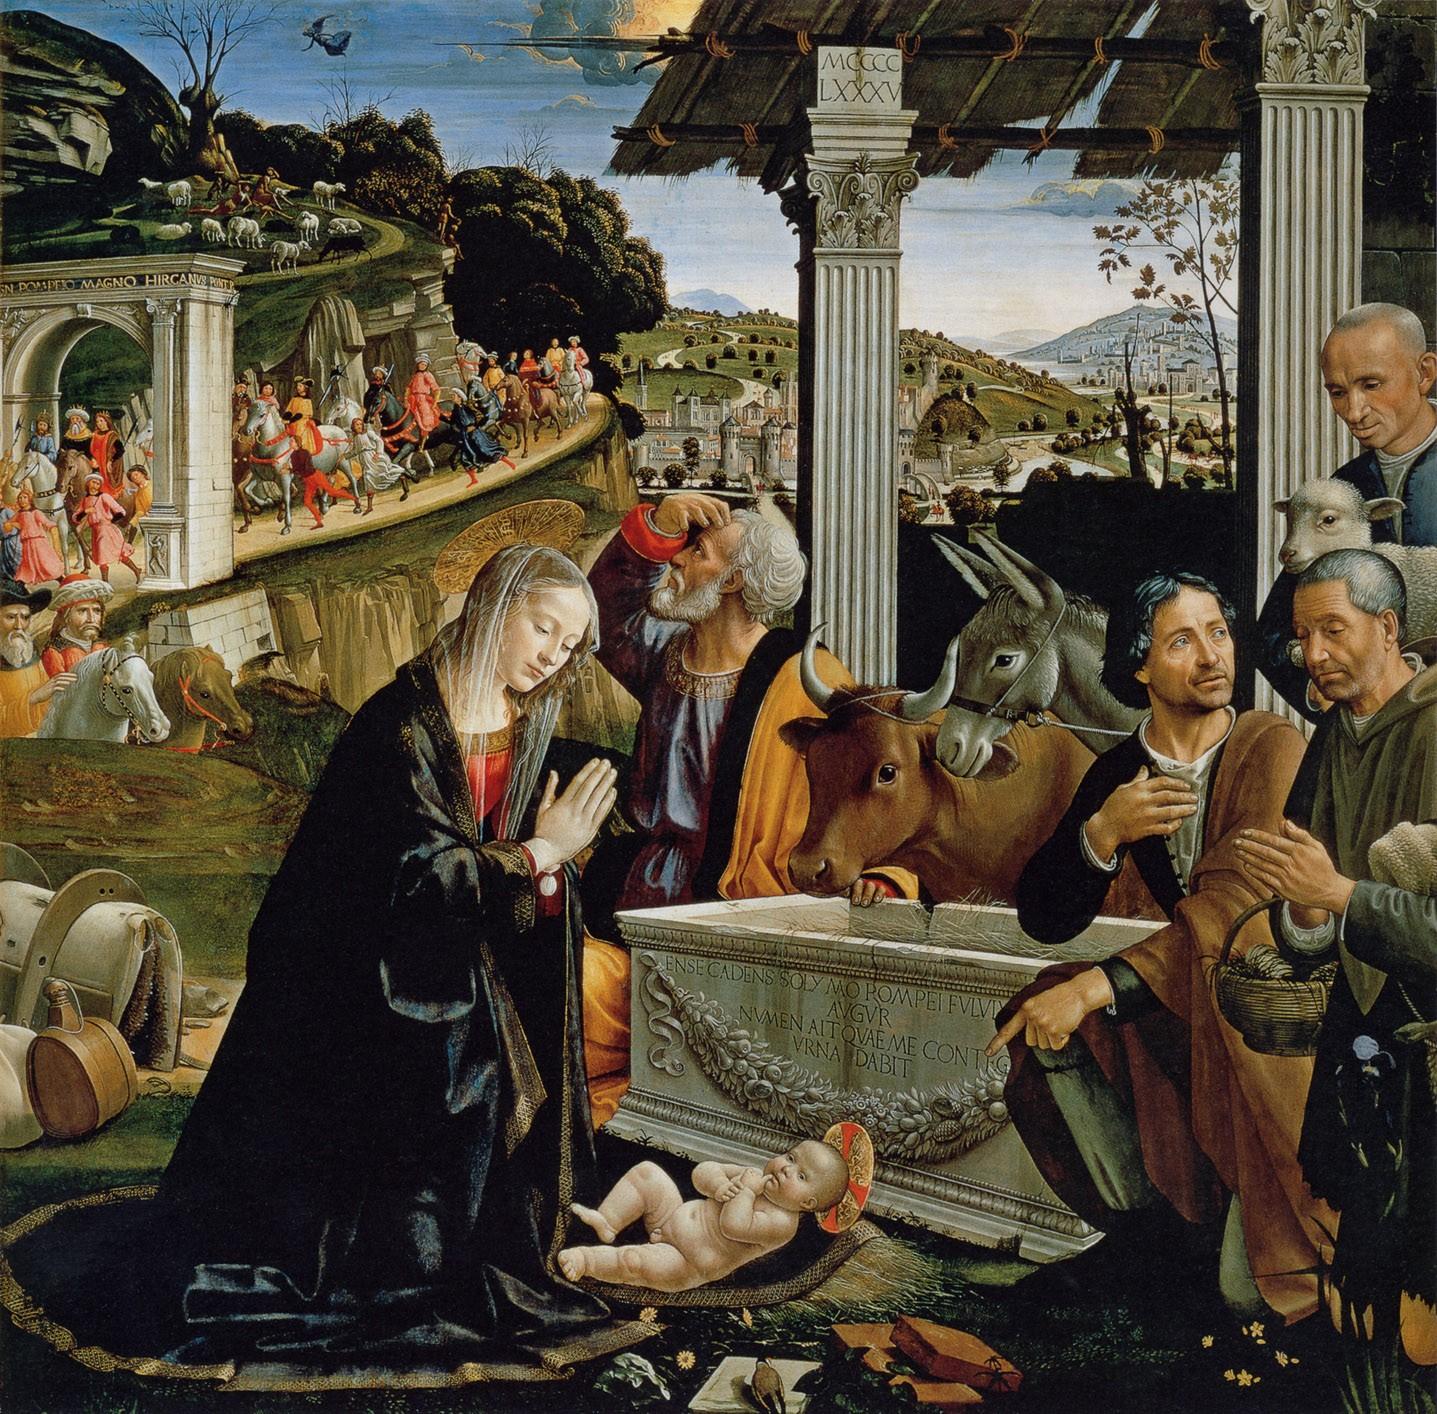 Доменико Гирландайо. Поклонение пастухов. 1485г. Капелла Сассети церкви Санта Тринита, Флоренция, Италия